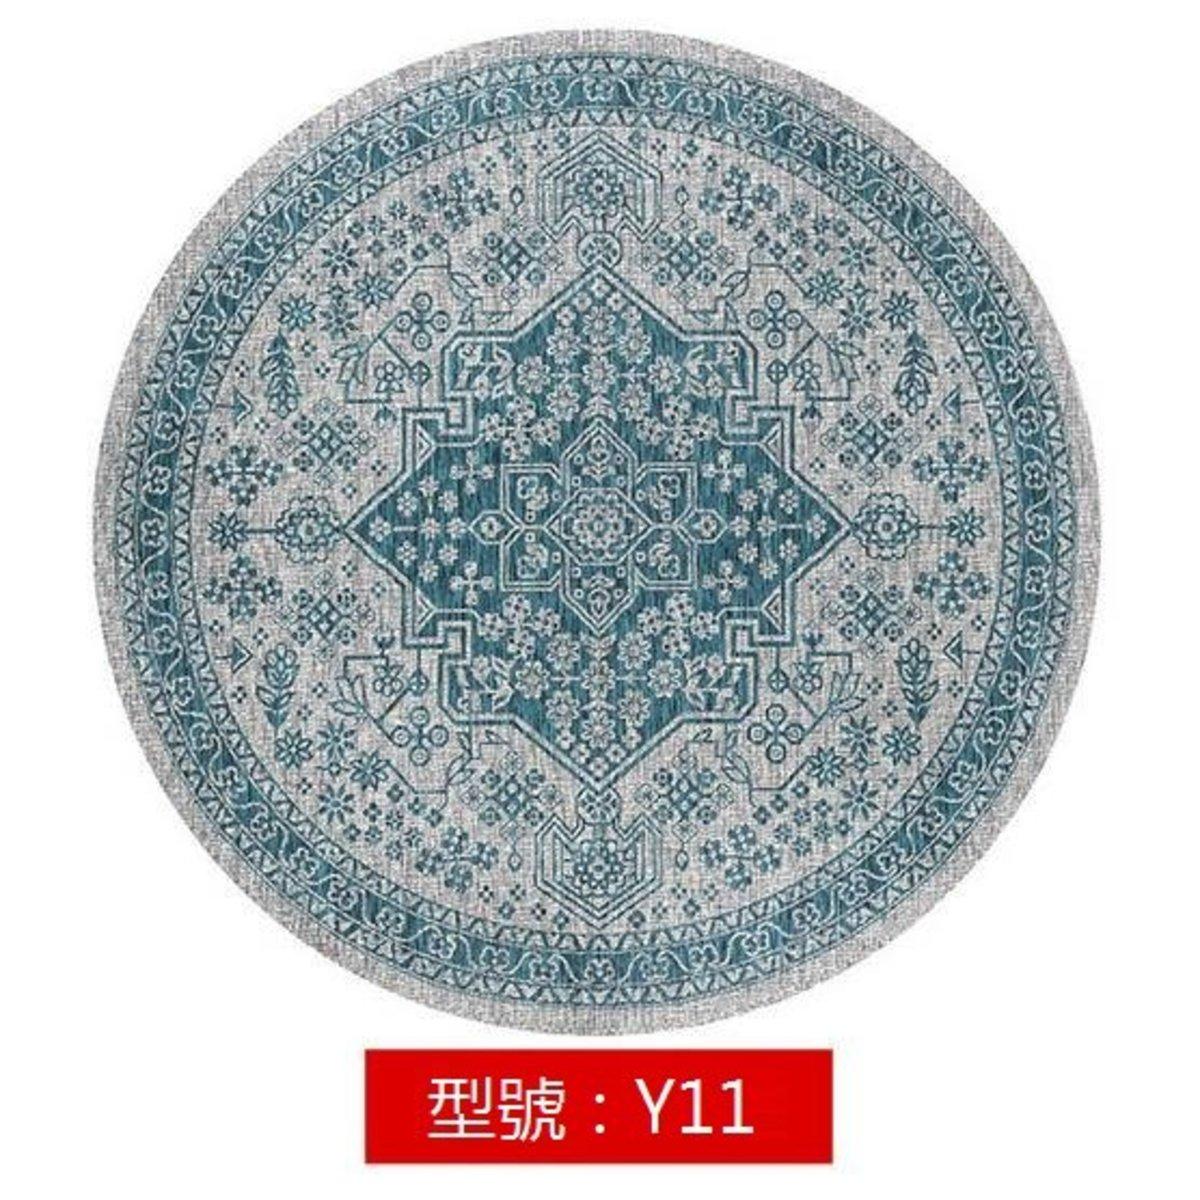 波希米亞風圓形地氈地毯Y11 直徑160cm